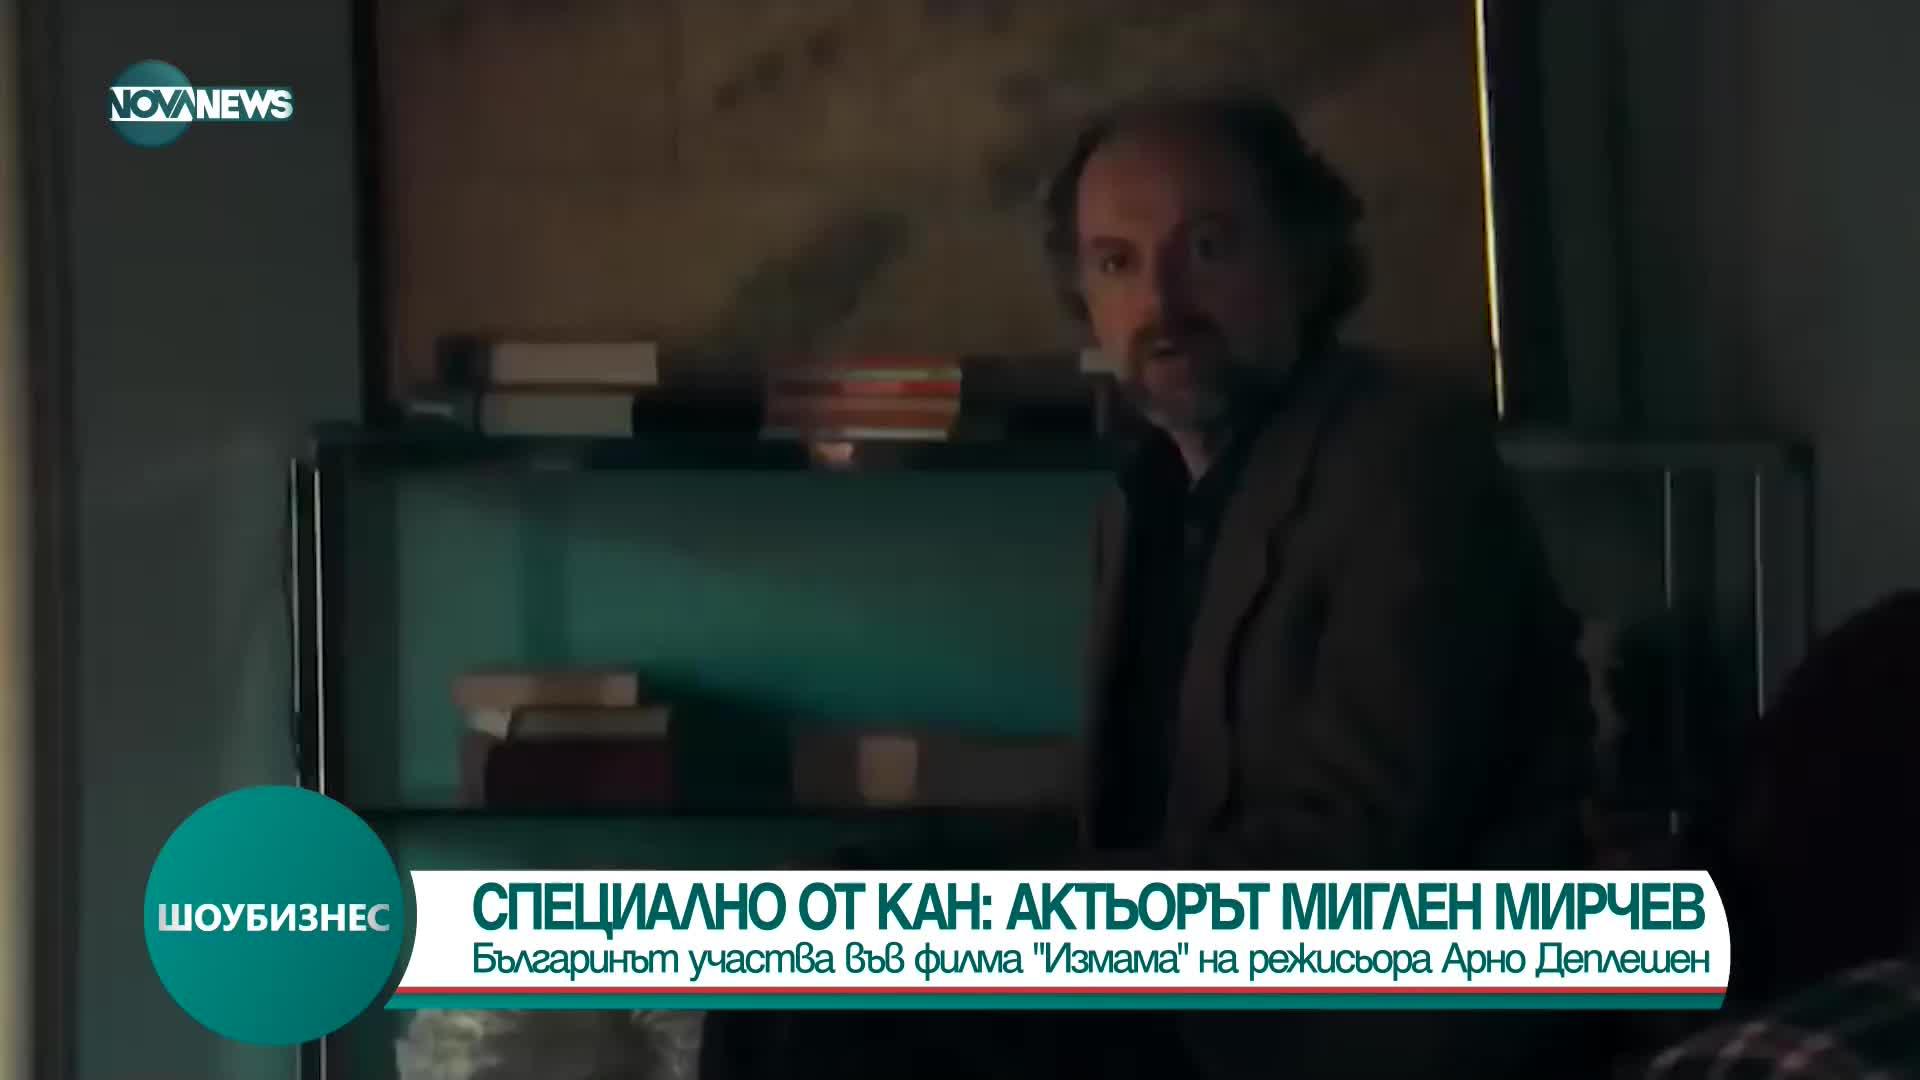 ЕКСКЛУЗИВНО: Българинът, който участва във френски филм на фестивала в Кан